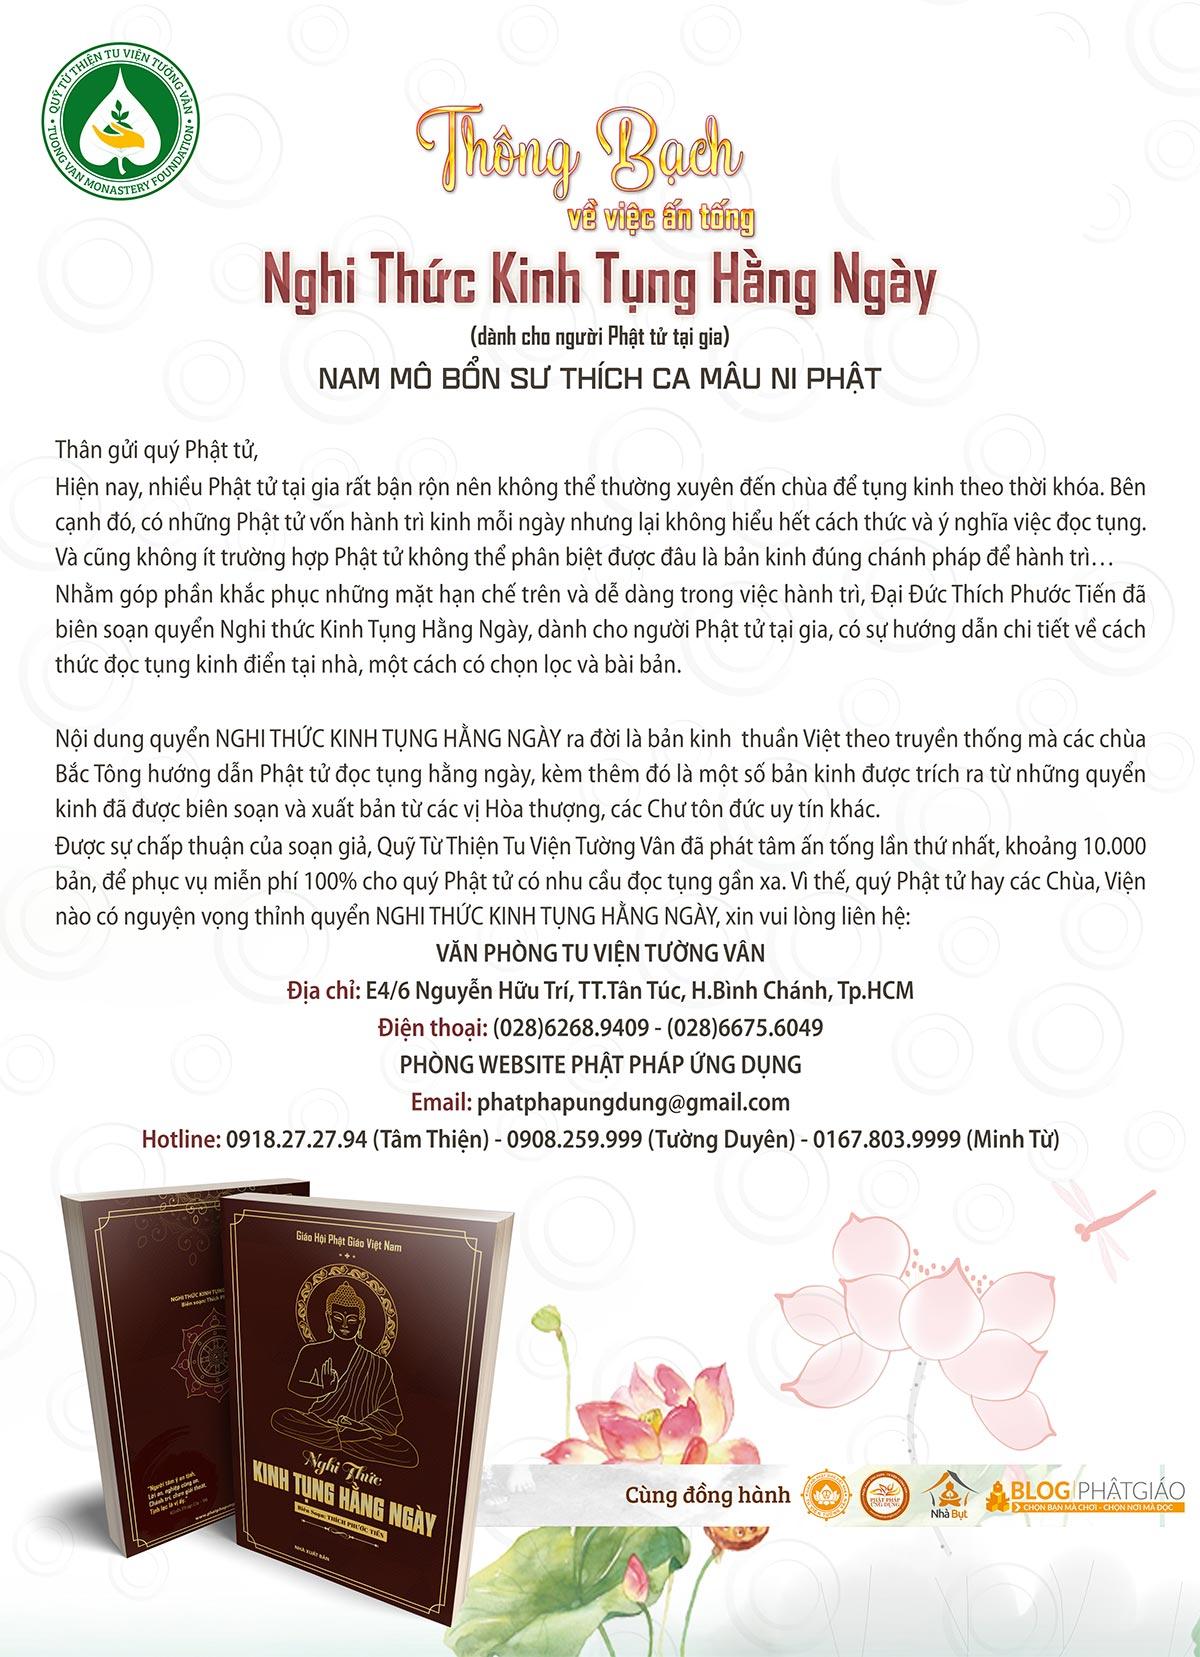 Thông Bạch việc Ấn tống KINH TỤNG HẰNG NGÀY (dành cho Phật tử tại gia)